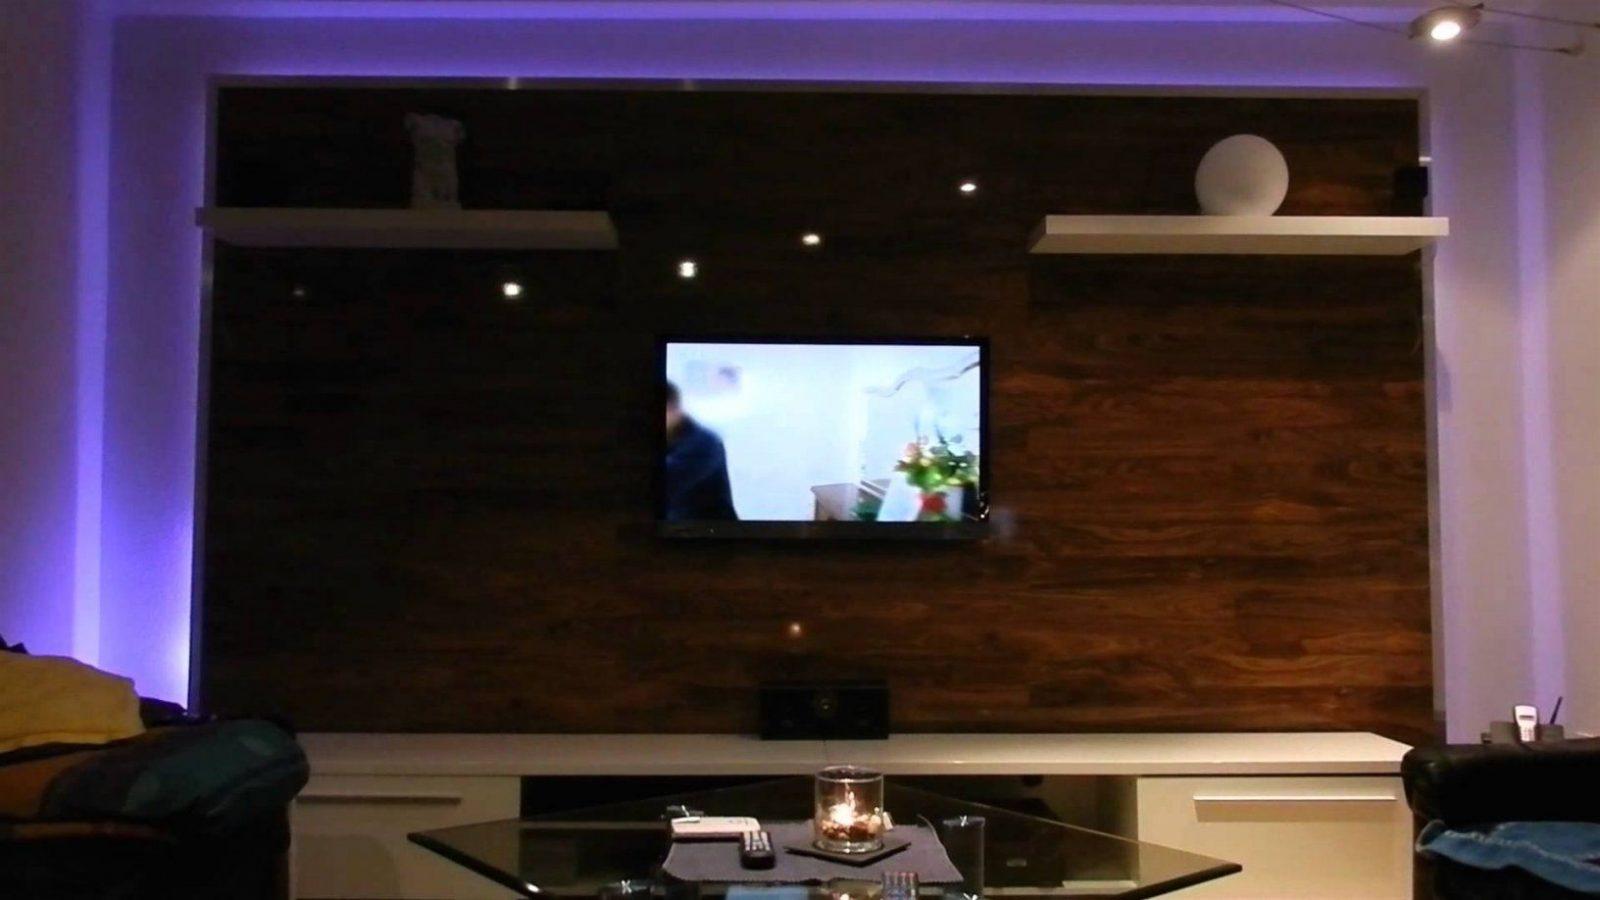 Tv Wand Selber Bauen Laminat Tv Wand Tv Wand Bauen Qaimaq